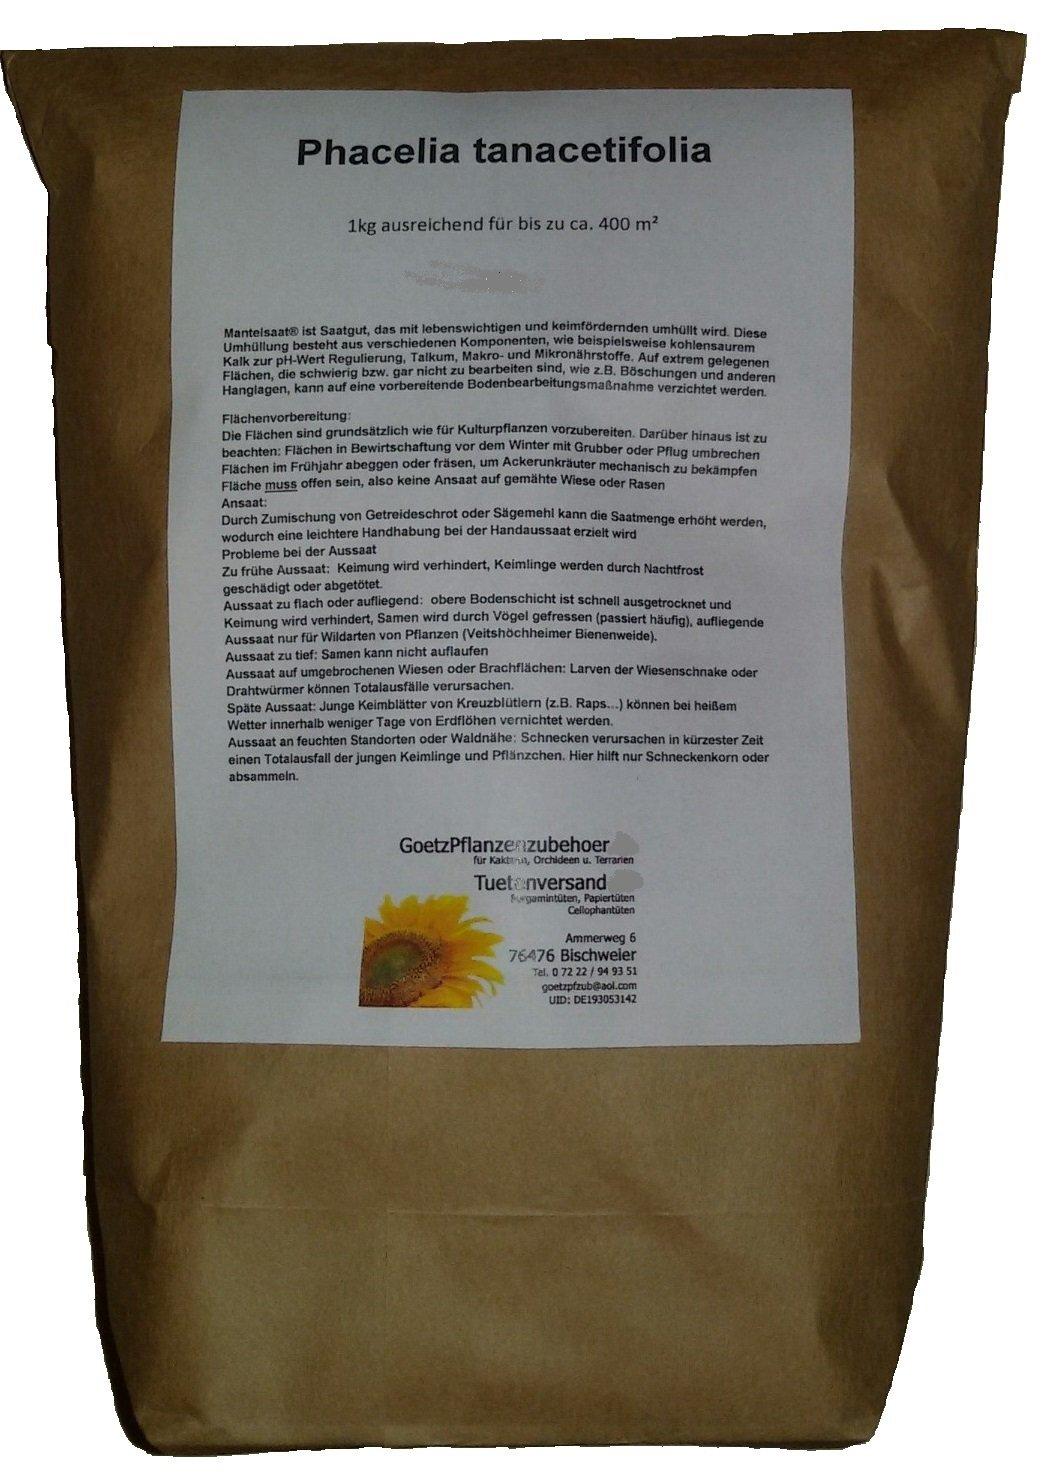 6kg Phacelia tanacetifolia (Bienenfreund, Bienenweide) für bis zu 2400m²